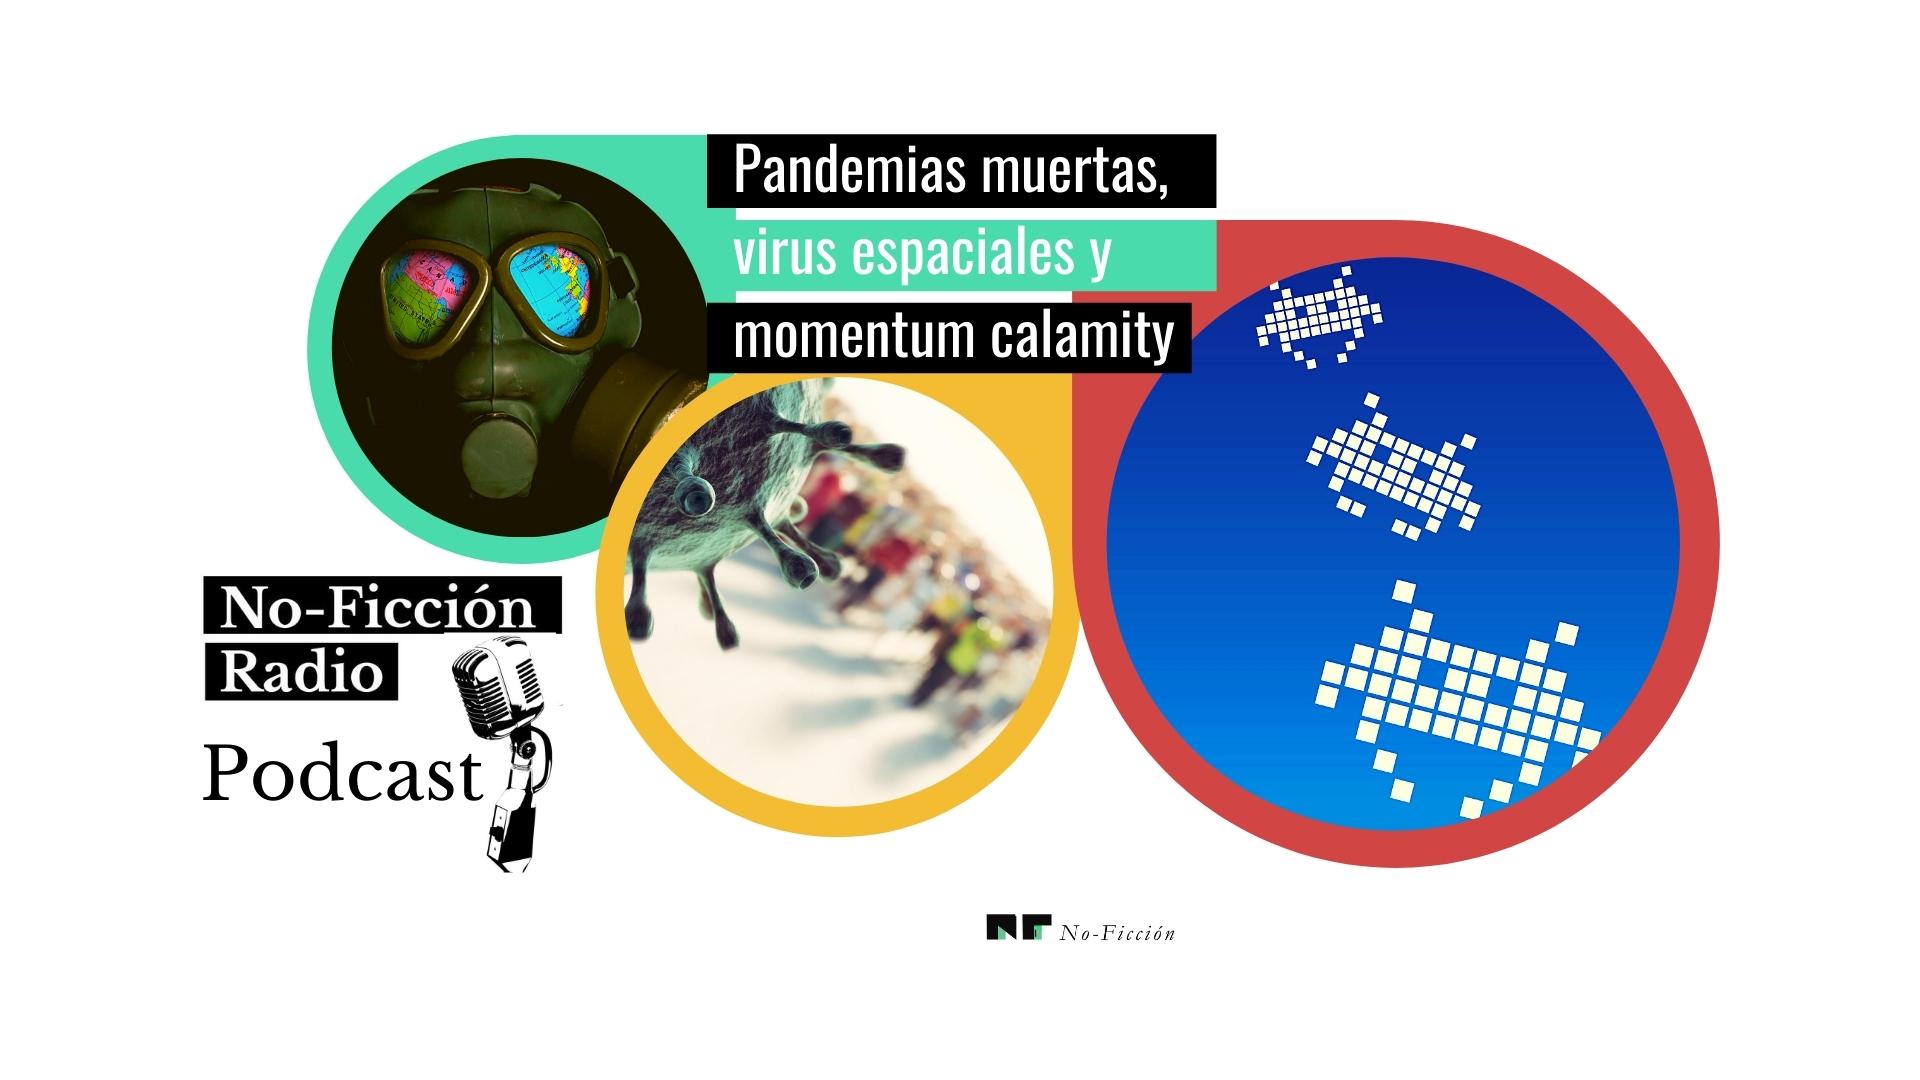 De pandemias muertas, virus espaciales y momentum calamity